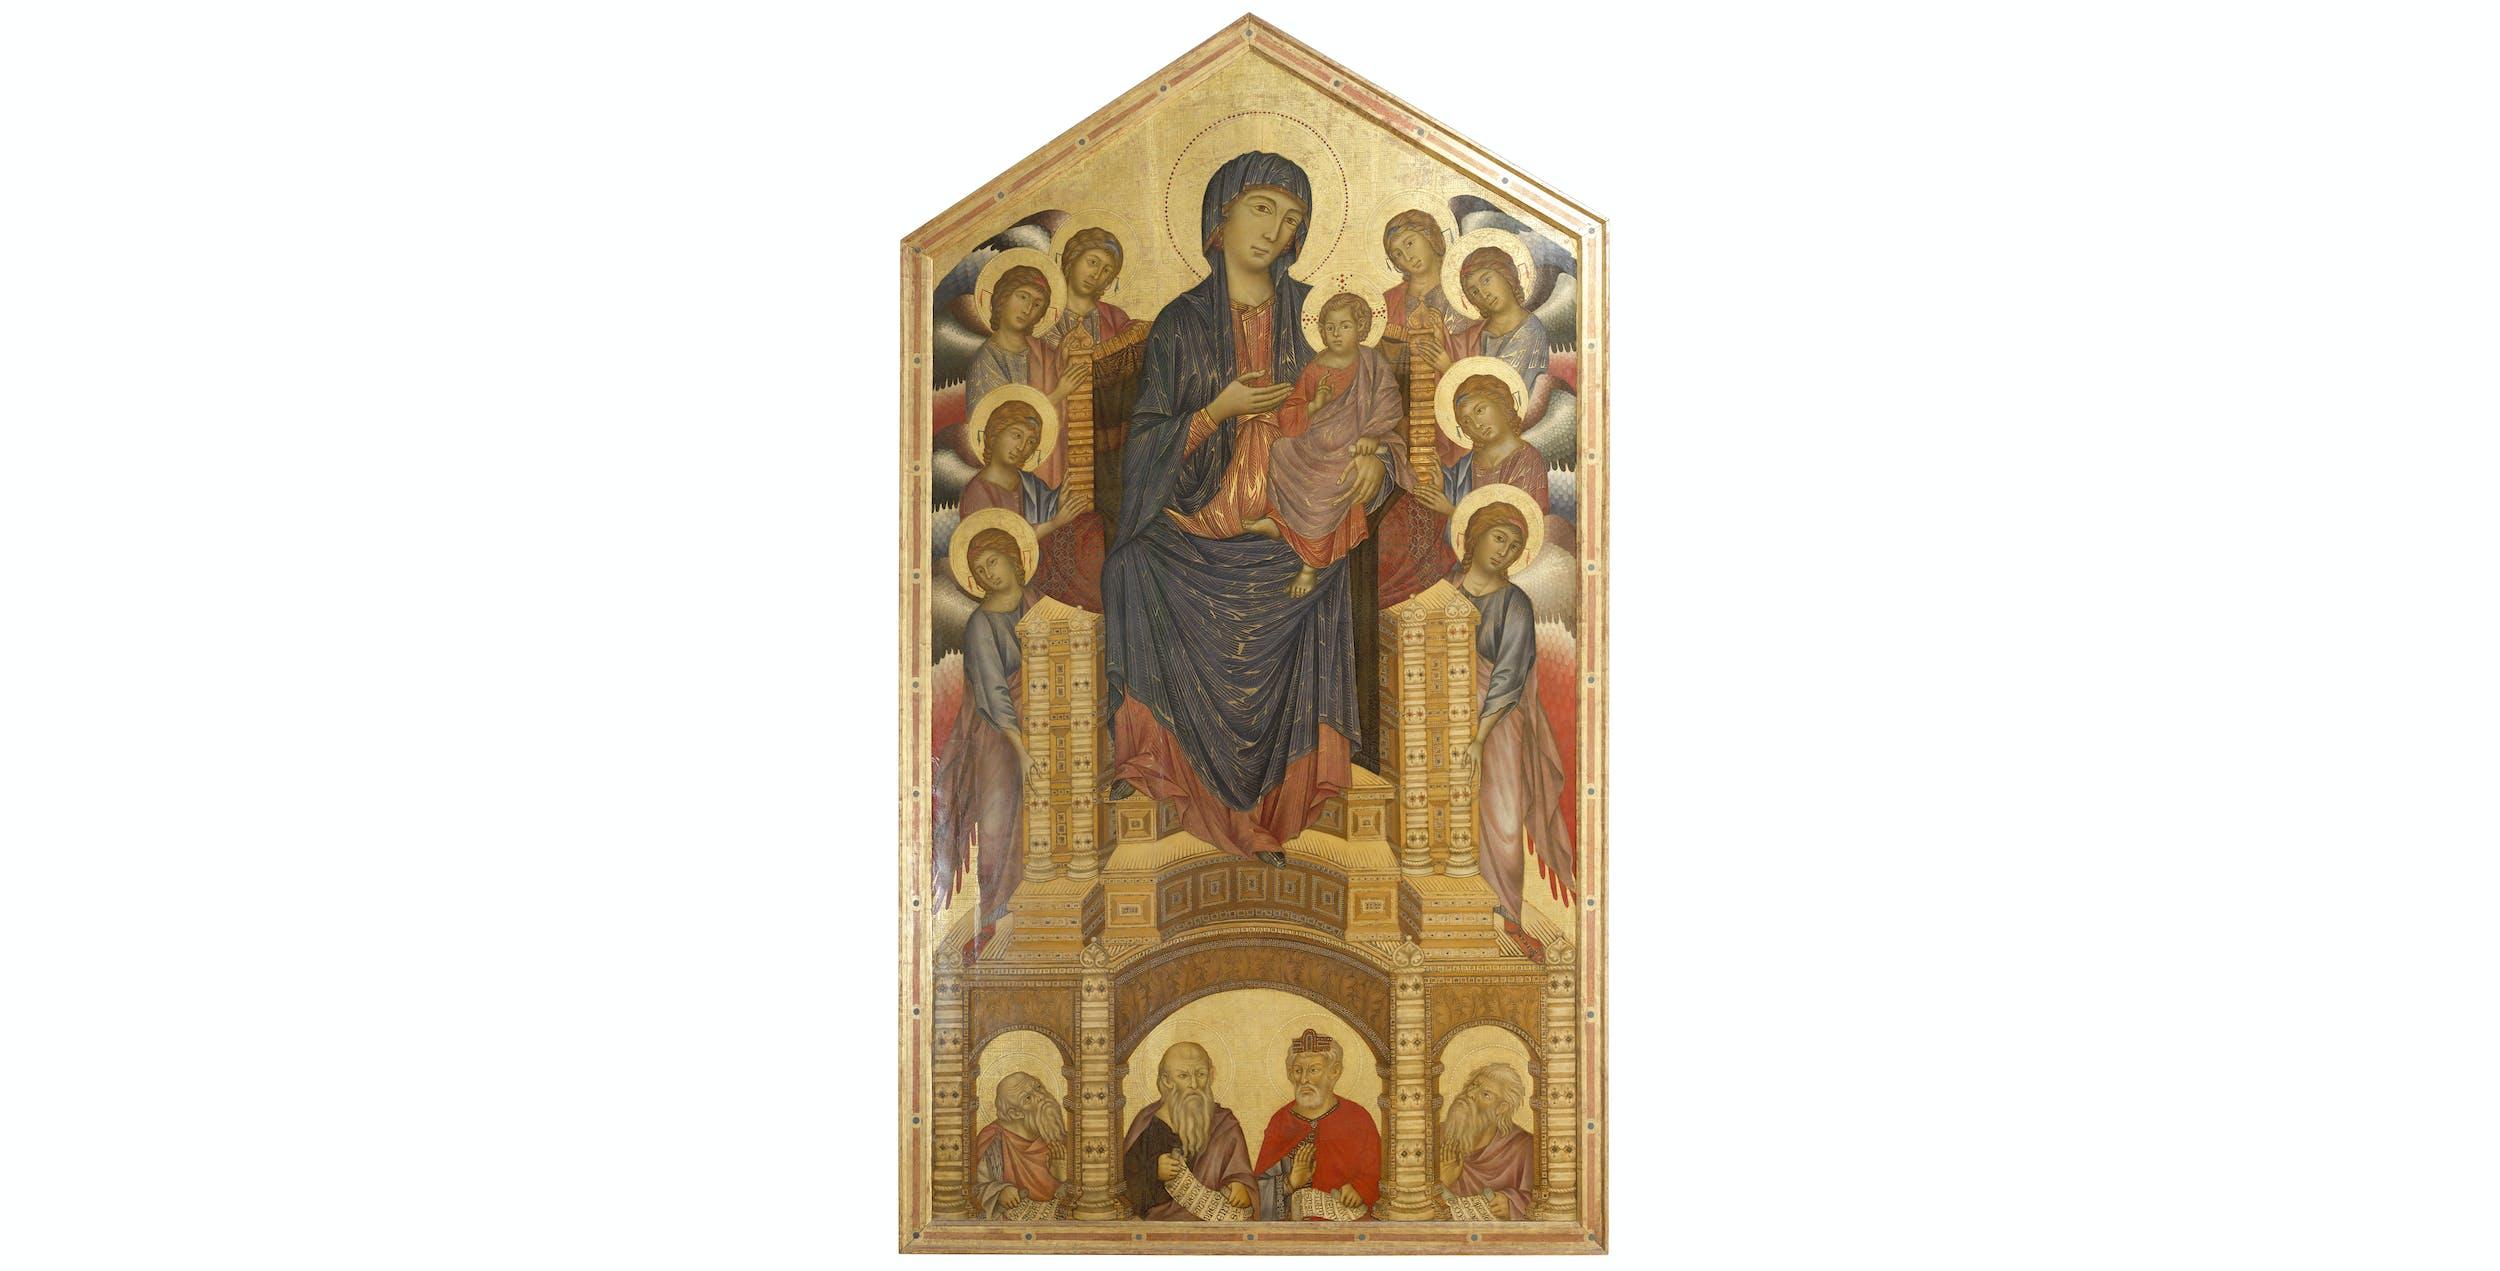 Cimabue, Maestà, Uffizi